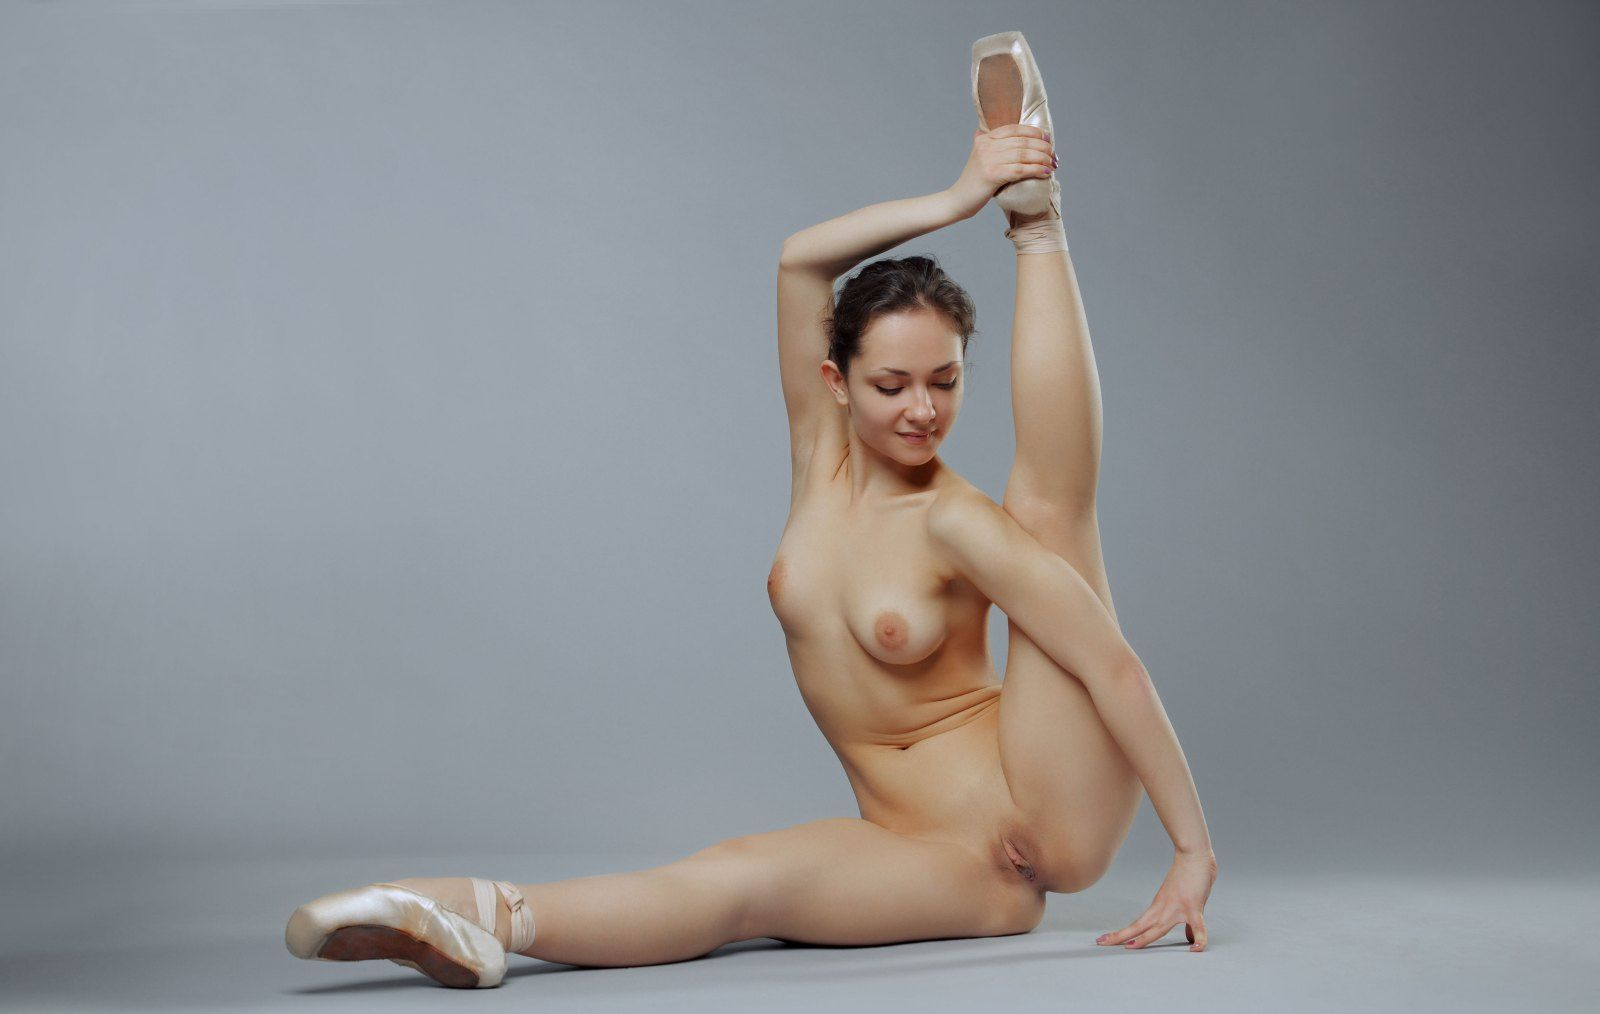 Индивидуалка балерина индивидуалки город чебоксары дешевые